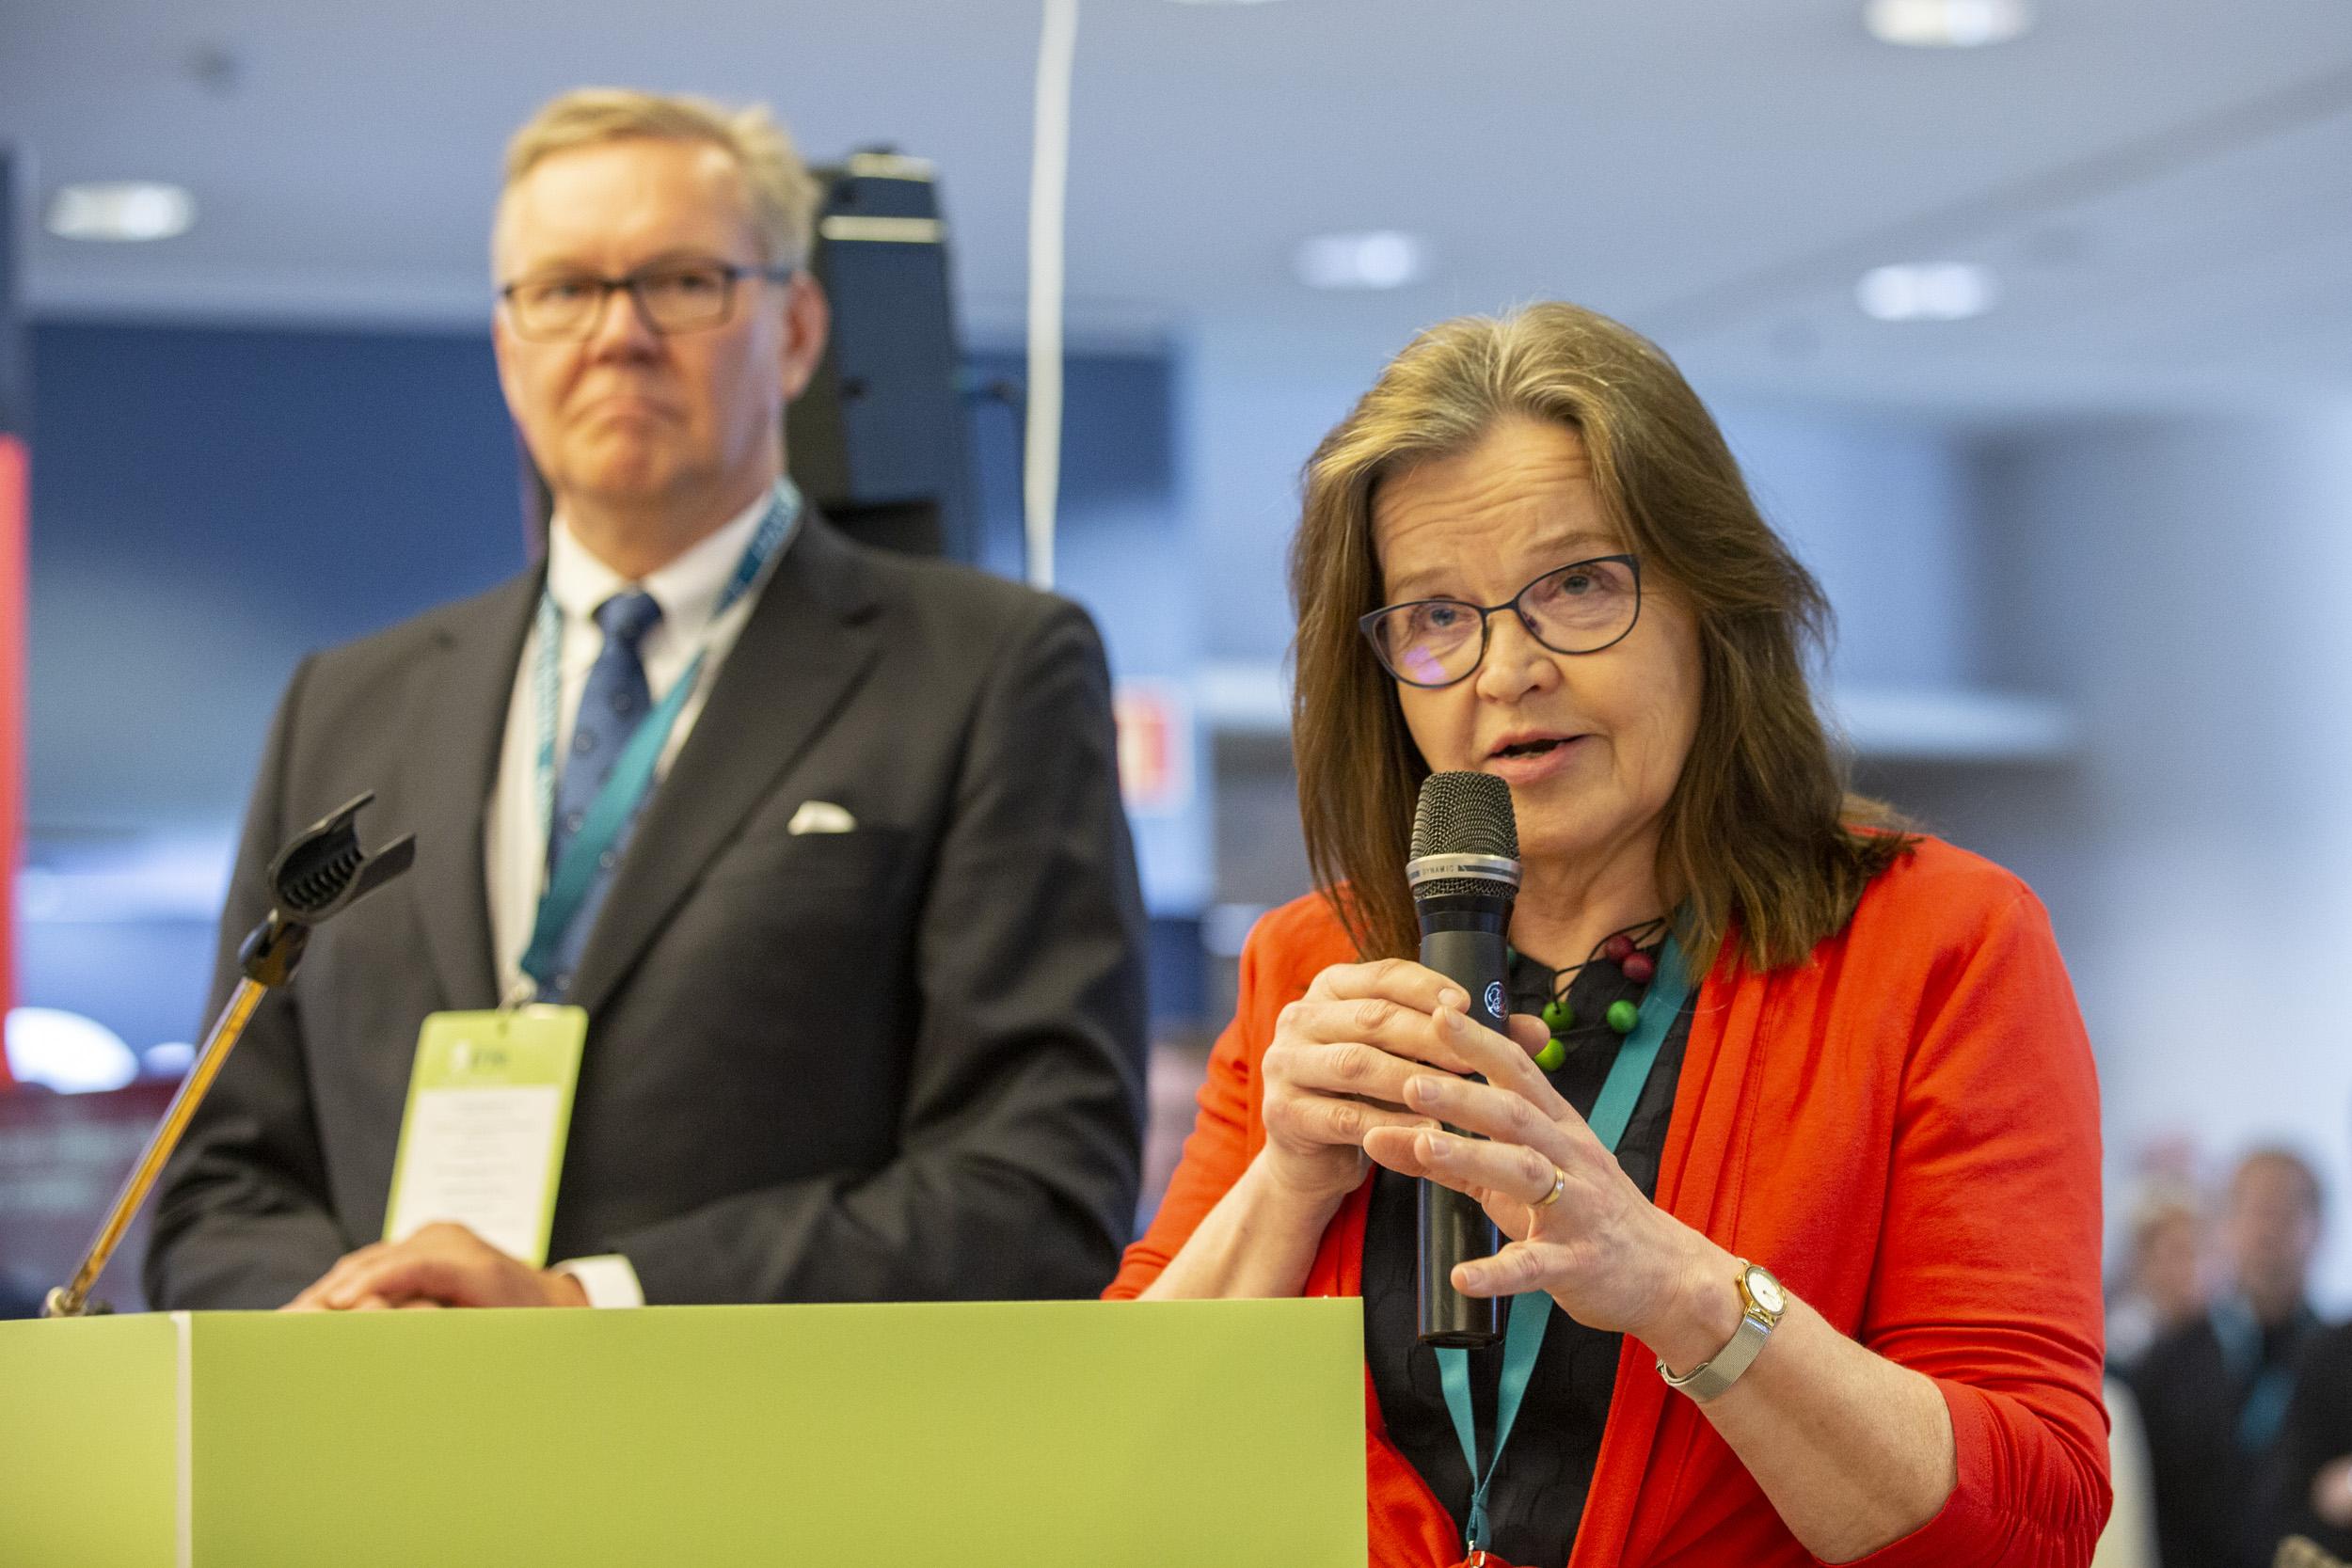 Päivi Nerg ja Timo Laitinen pitämässä Valtio Expo 2019 avajaispuhetta